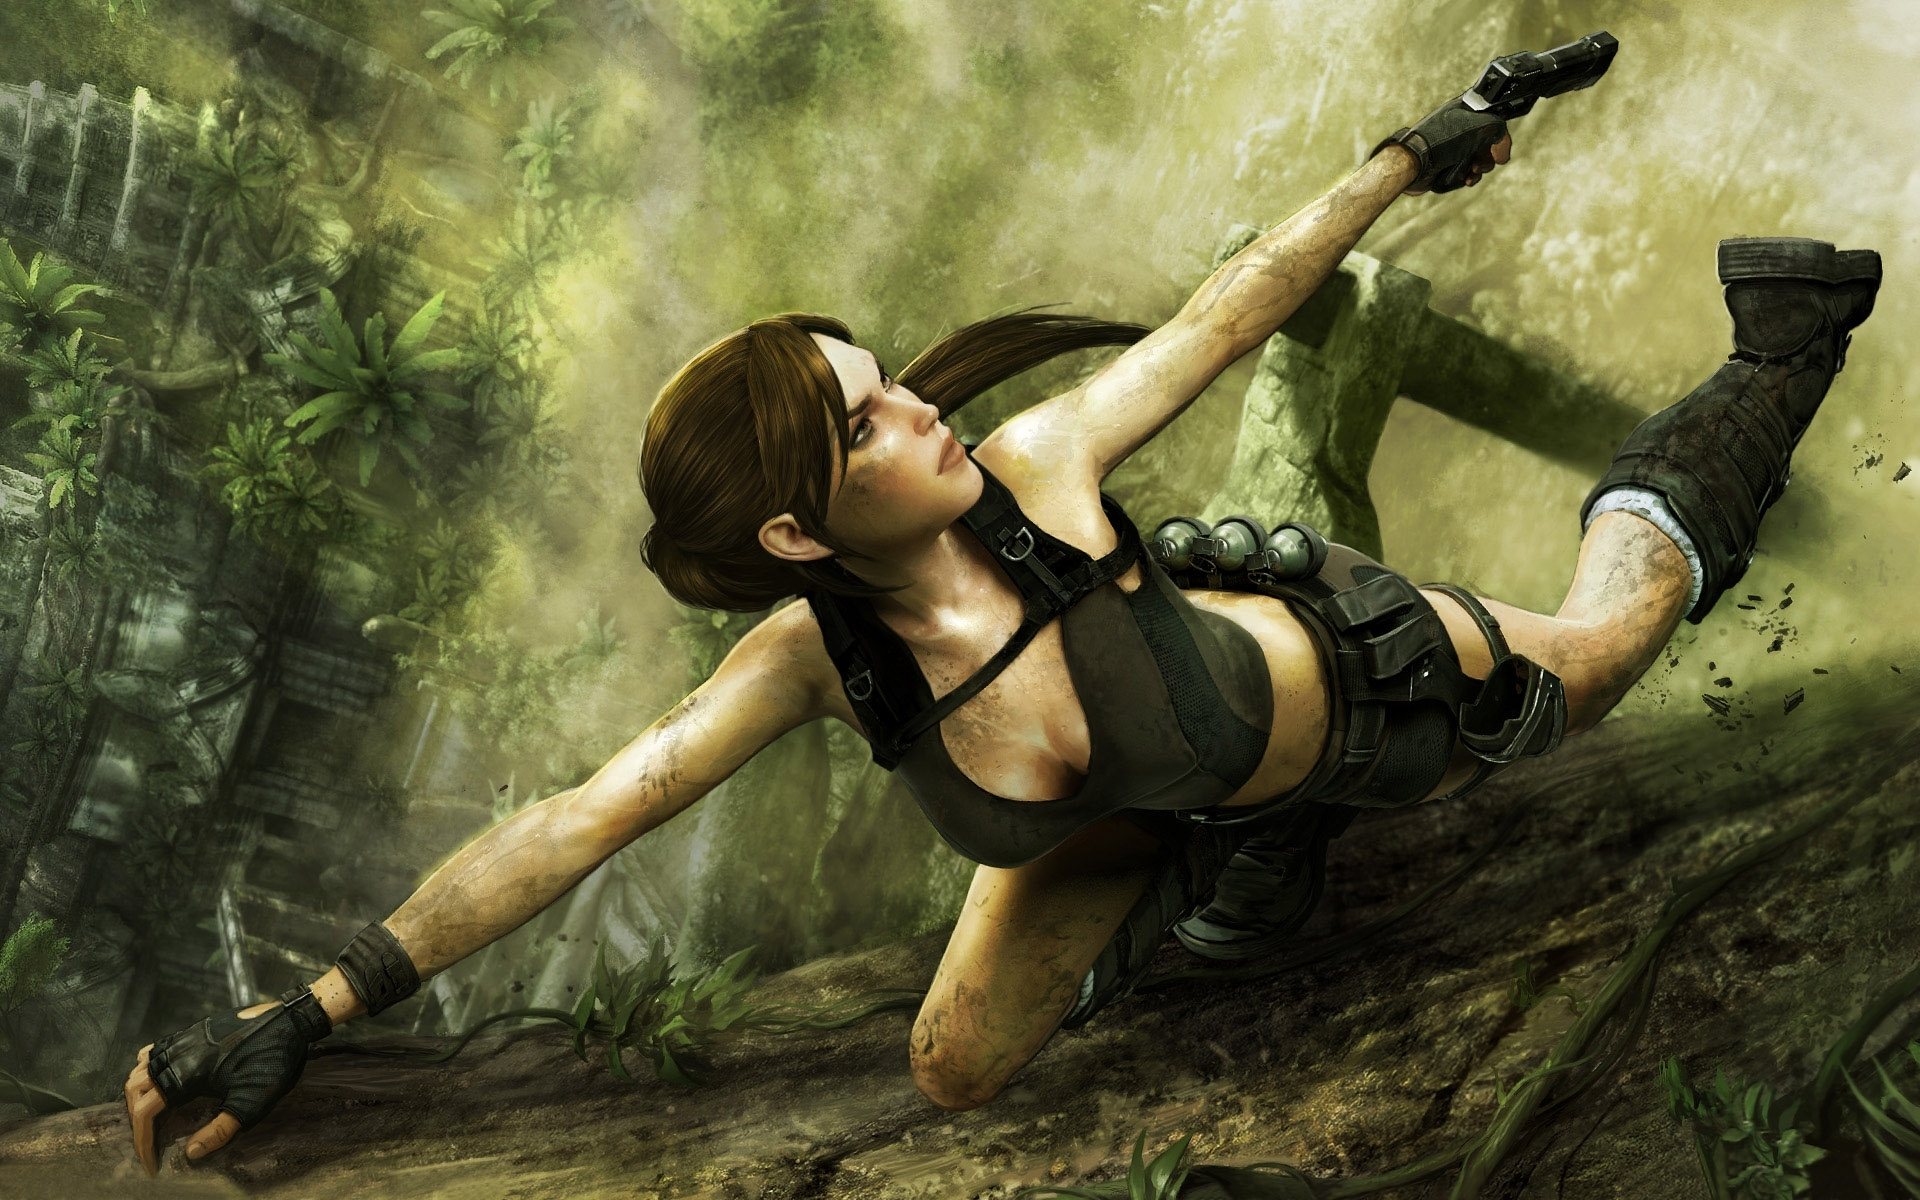 Томб Райдер, скачать фото, расхитительница гробниц, девушка с оружием, Tomb Raider